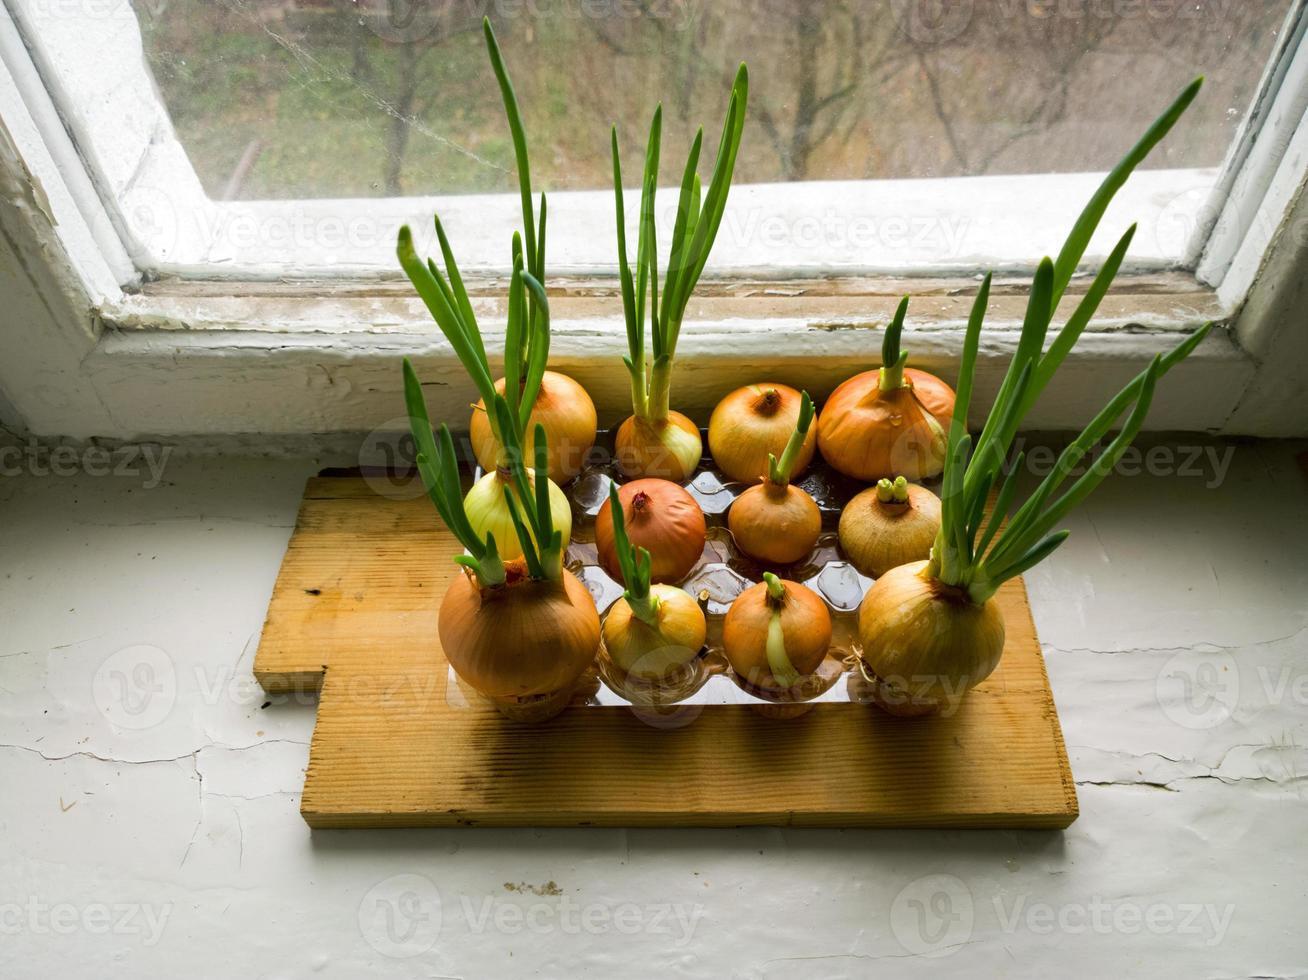 cipolle verdi sul davanzale della finestra. foto